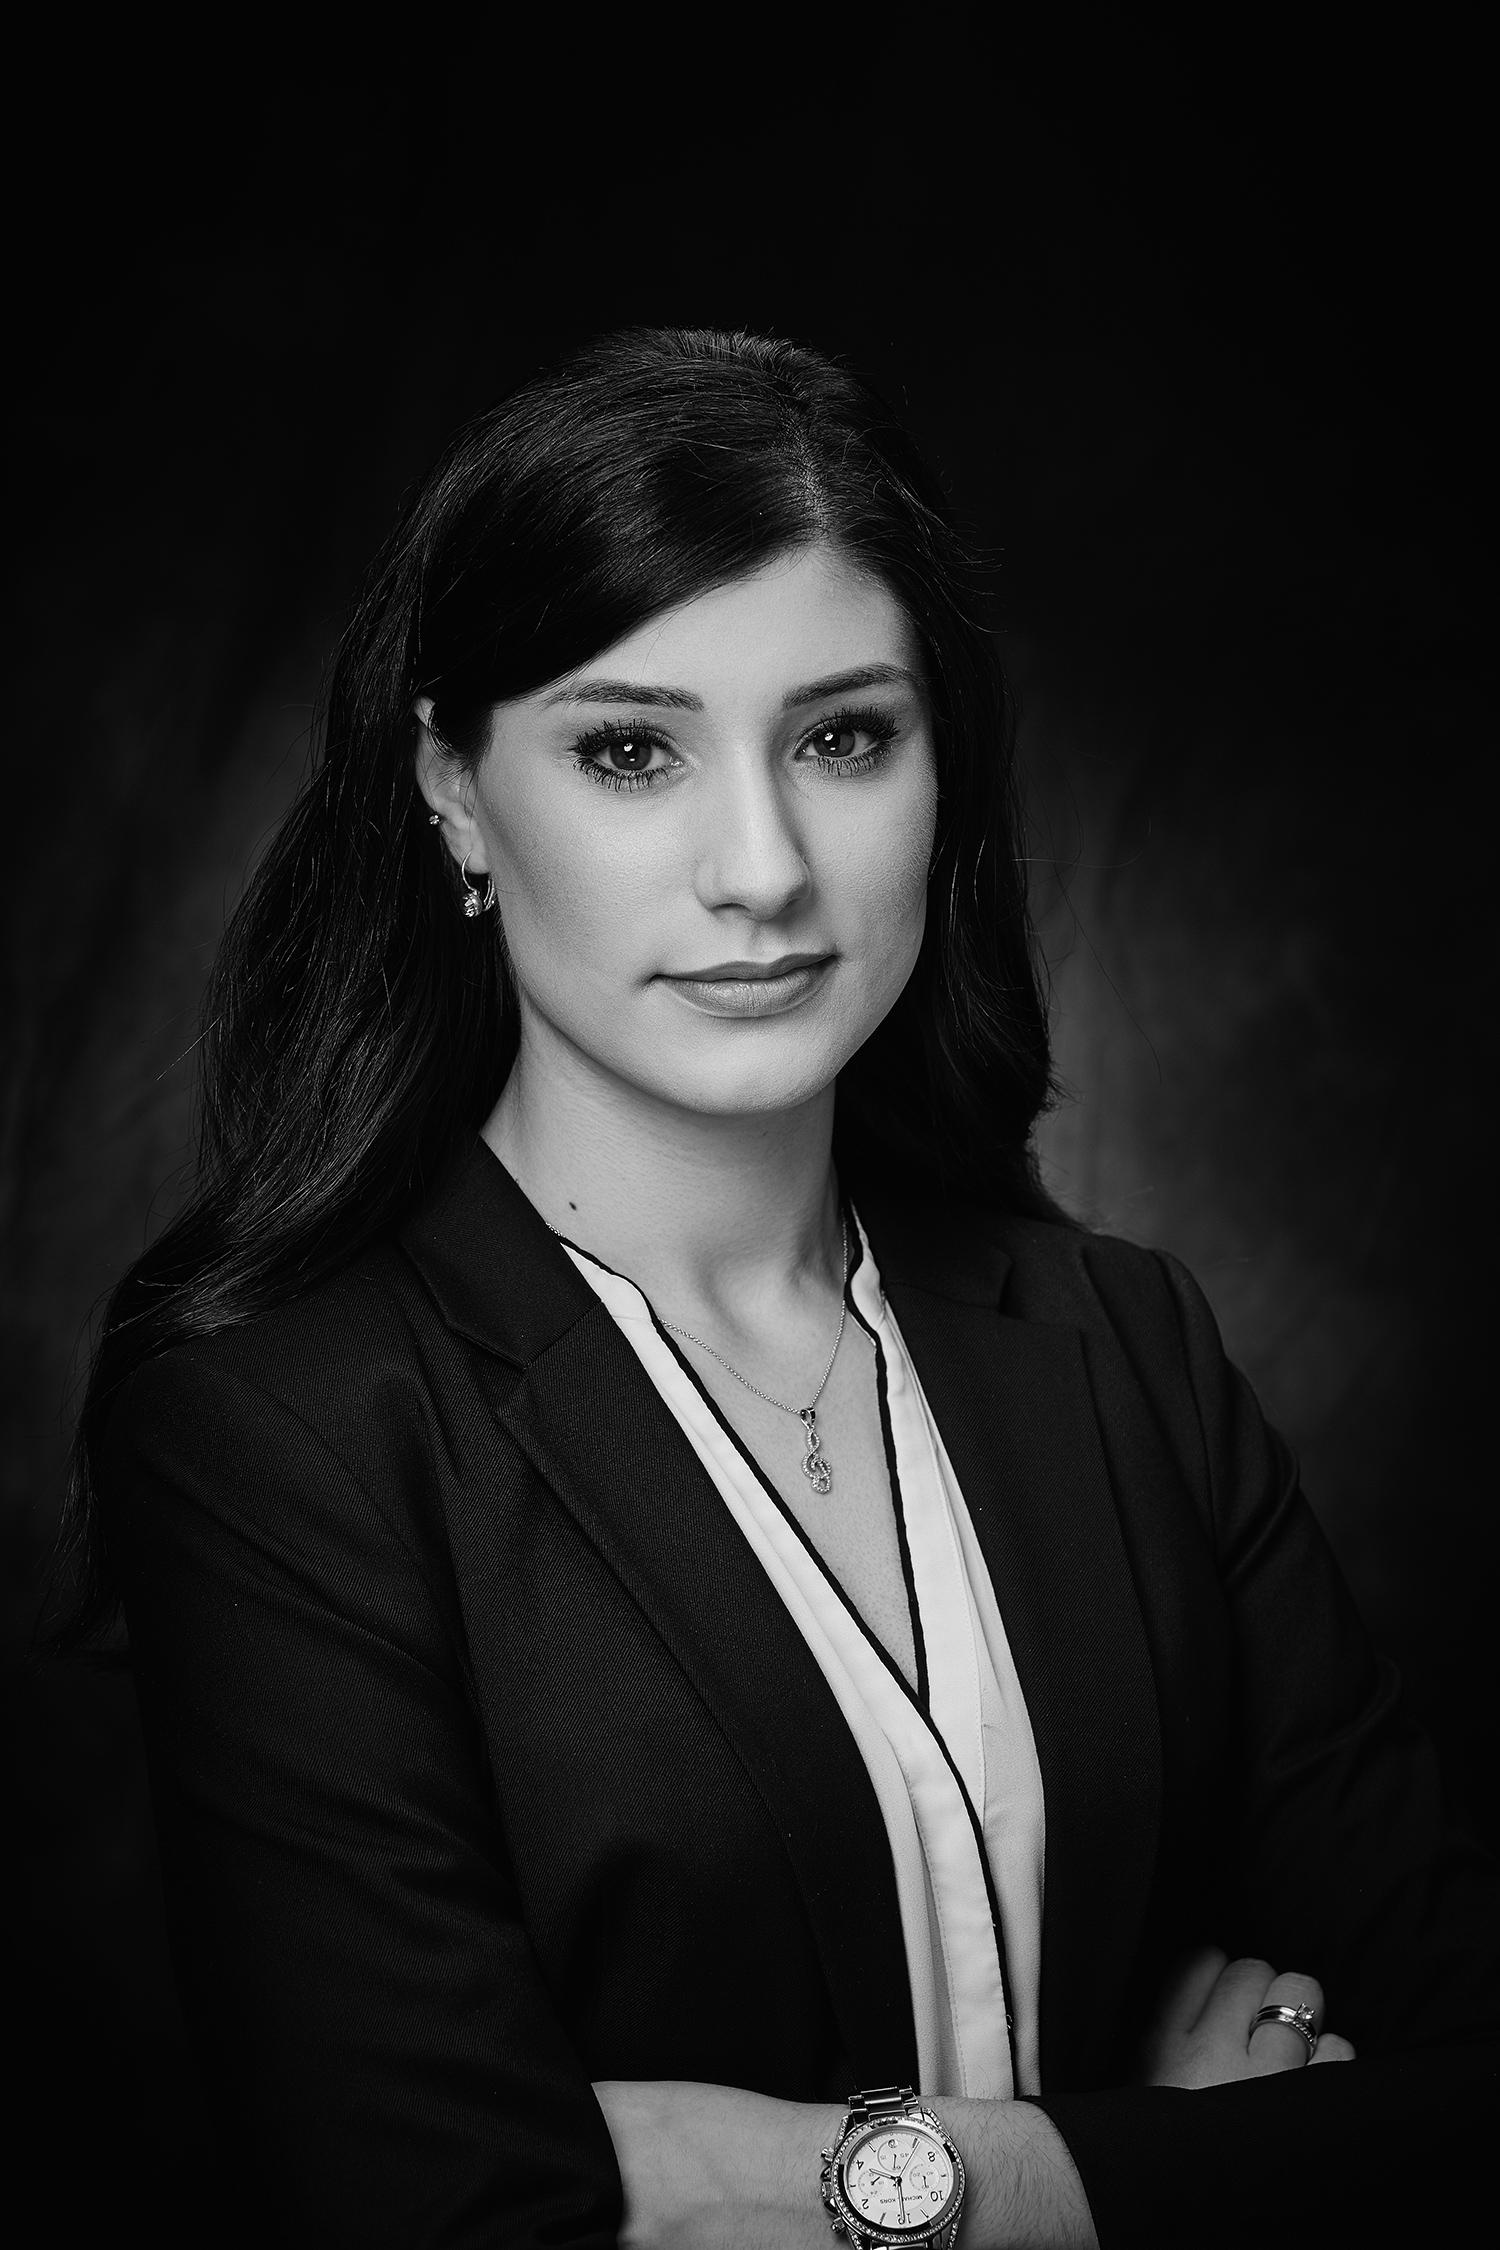 Ljiljana Milivojevic